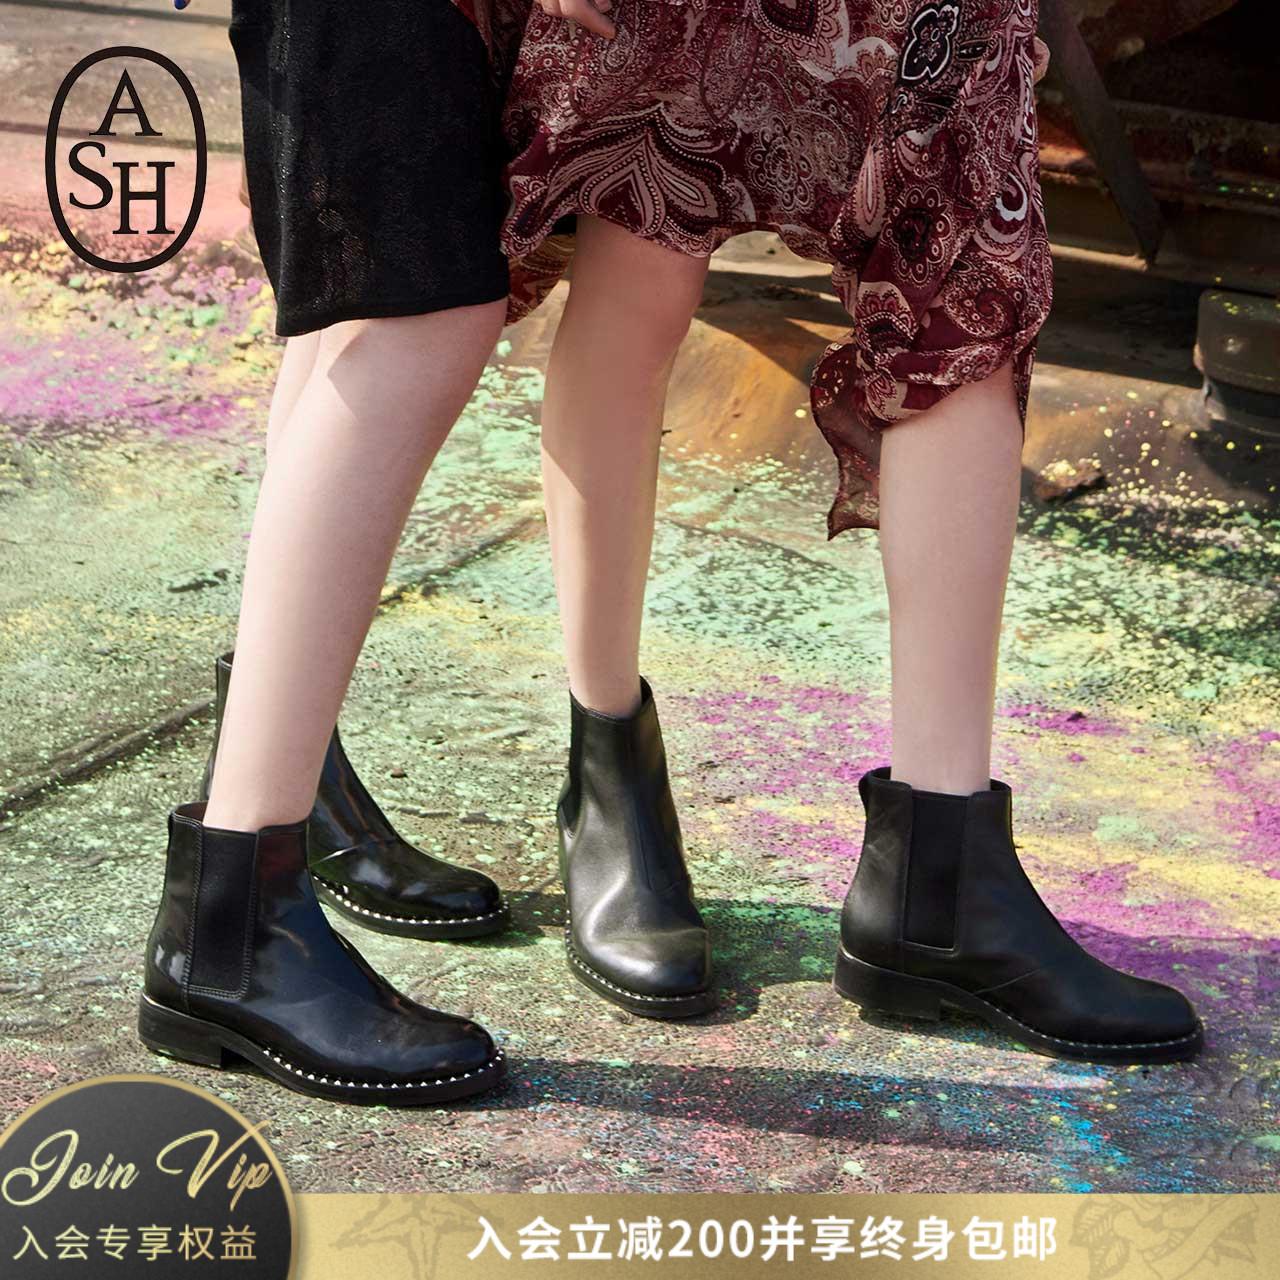 ASH女鞋马丁靴女2018秋冬新款WINO系列短靴铆钉短筒踝靴切尔西靴